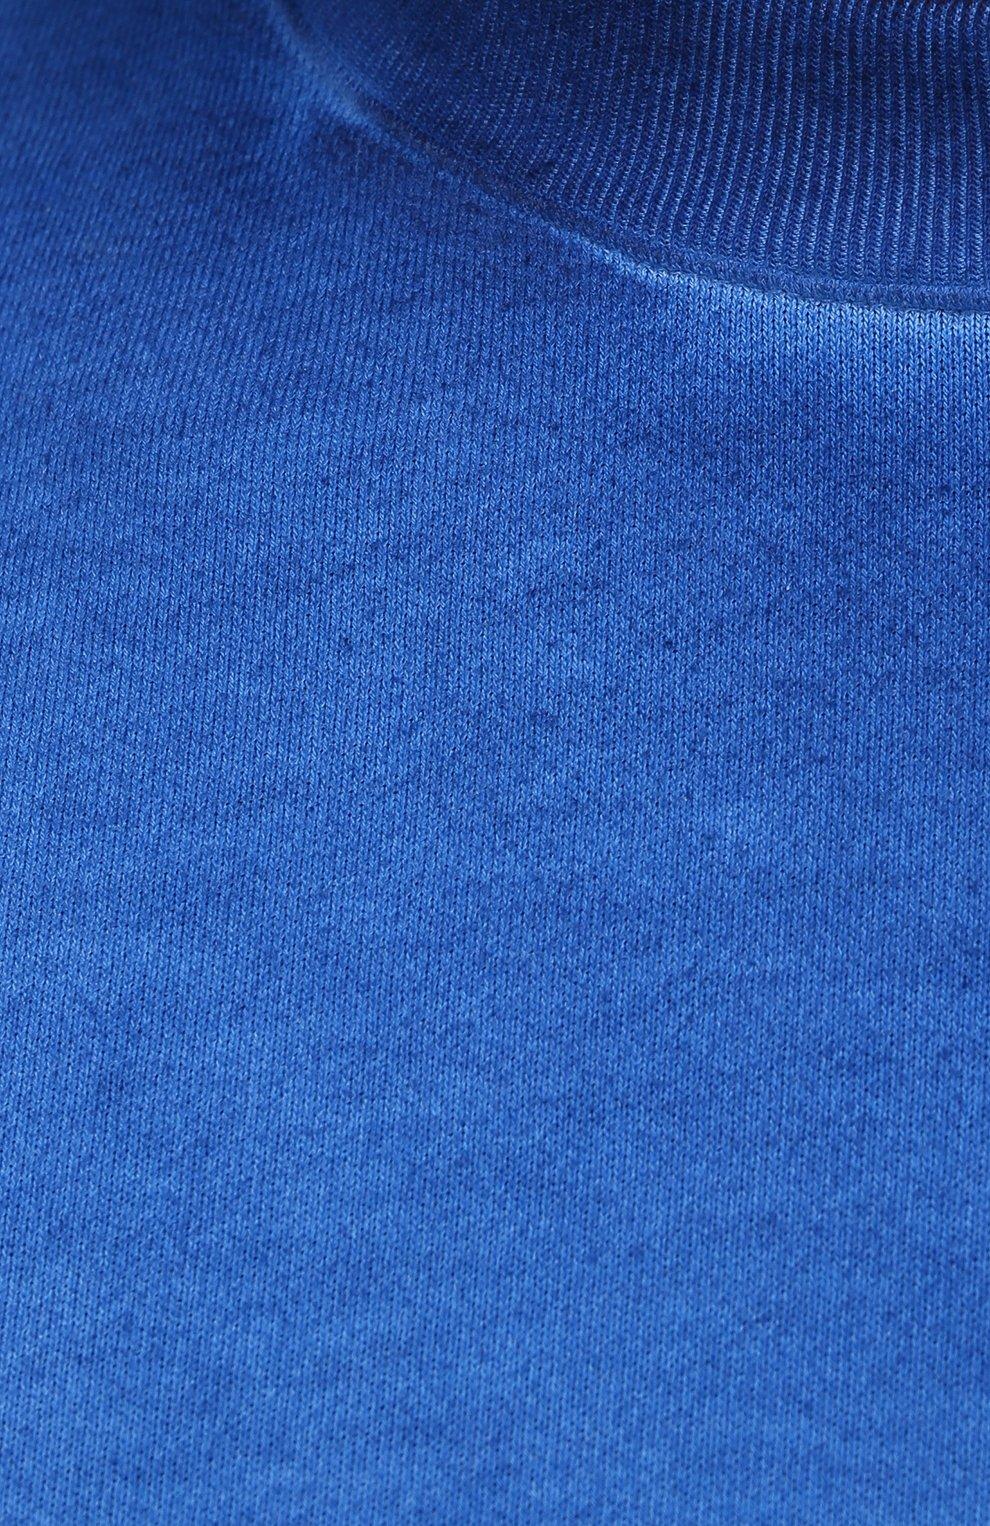 Мужской хлопковый свитшот OPENING CEREMONY синего цвета, арт. YMBA003S21FLE002   Фото 5 (Рукава: Длинные; Принт: Без принта; Длина (для топов): Стандартные; Мужское Кросс-КТ: свитшот-одежда; Материал внешний: Хлопок; Стили: Спорт-шик)